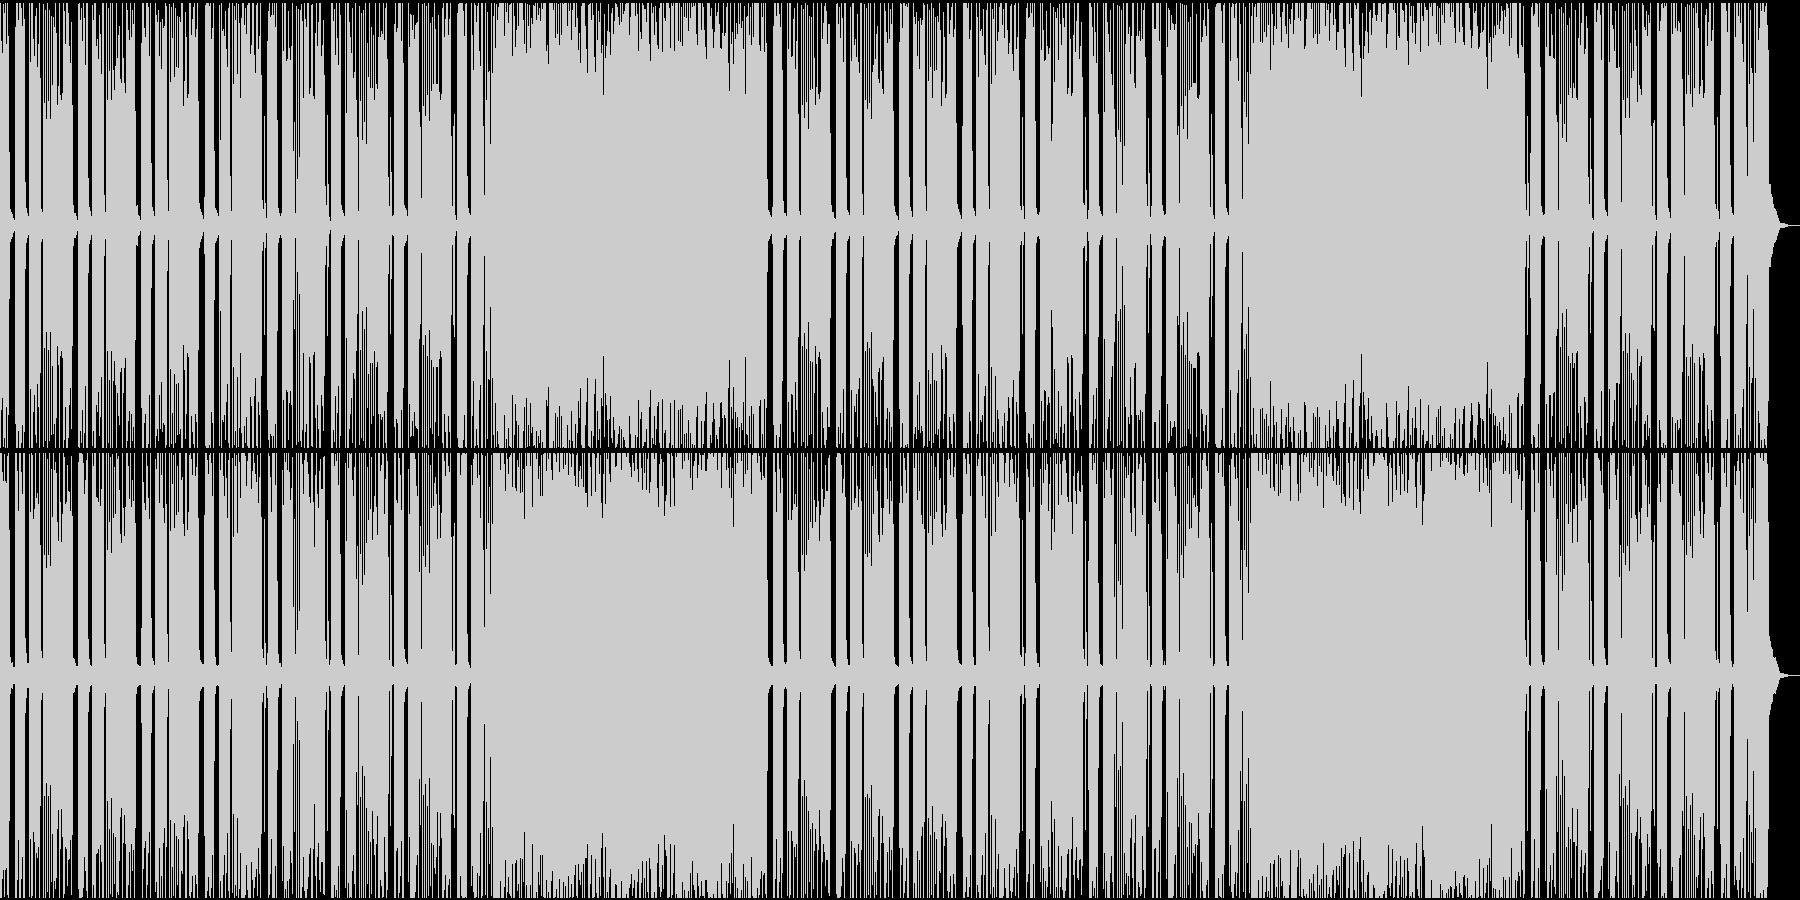 シンプルで荒々しいロックの未再生の波形